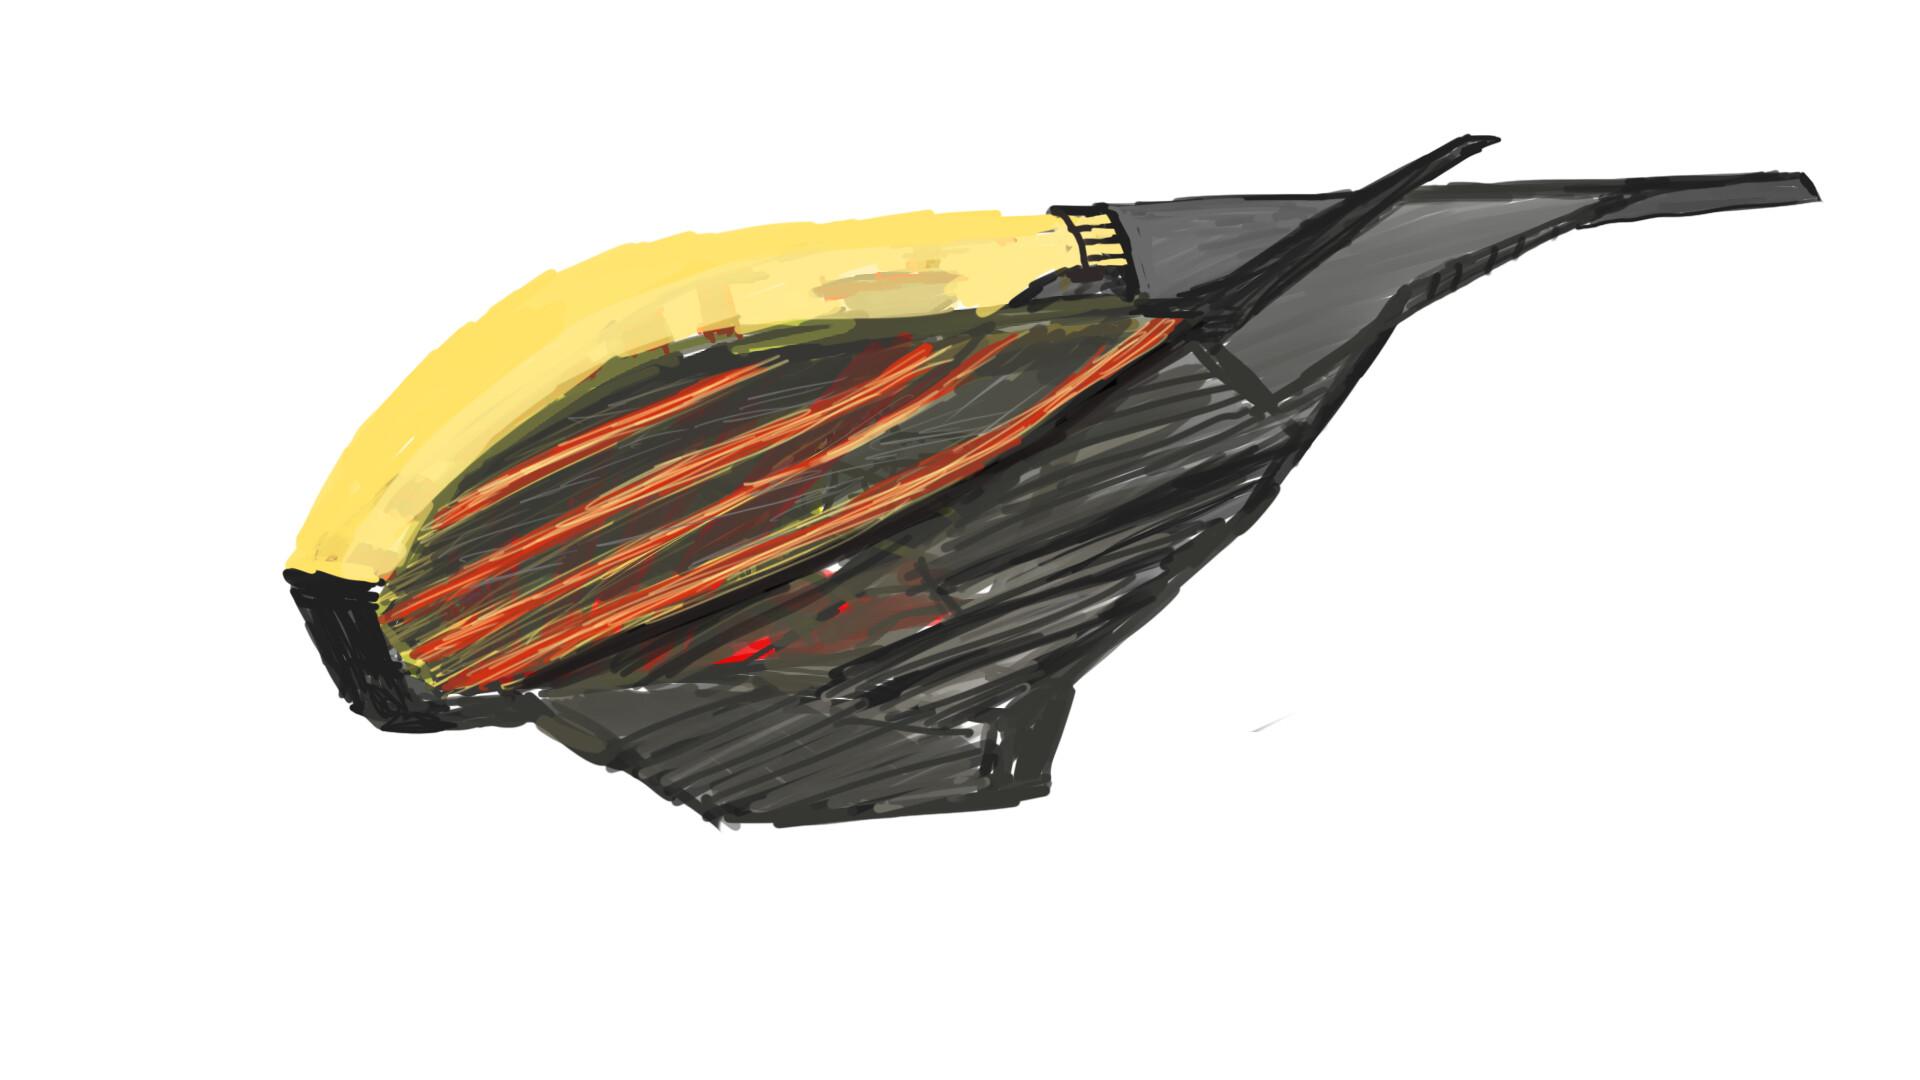 Alexander laheij drawing11 29